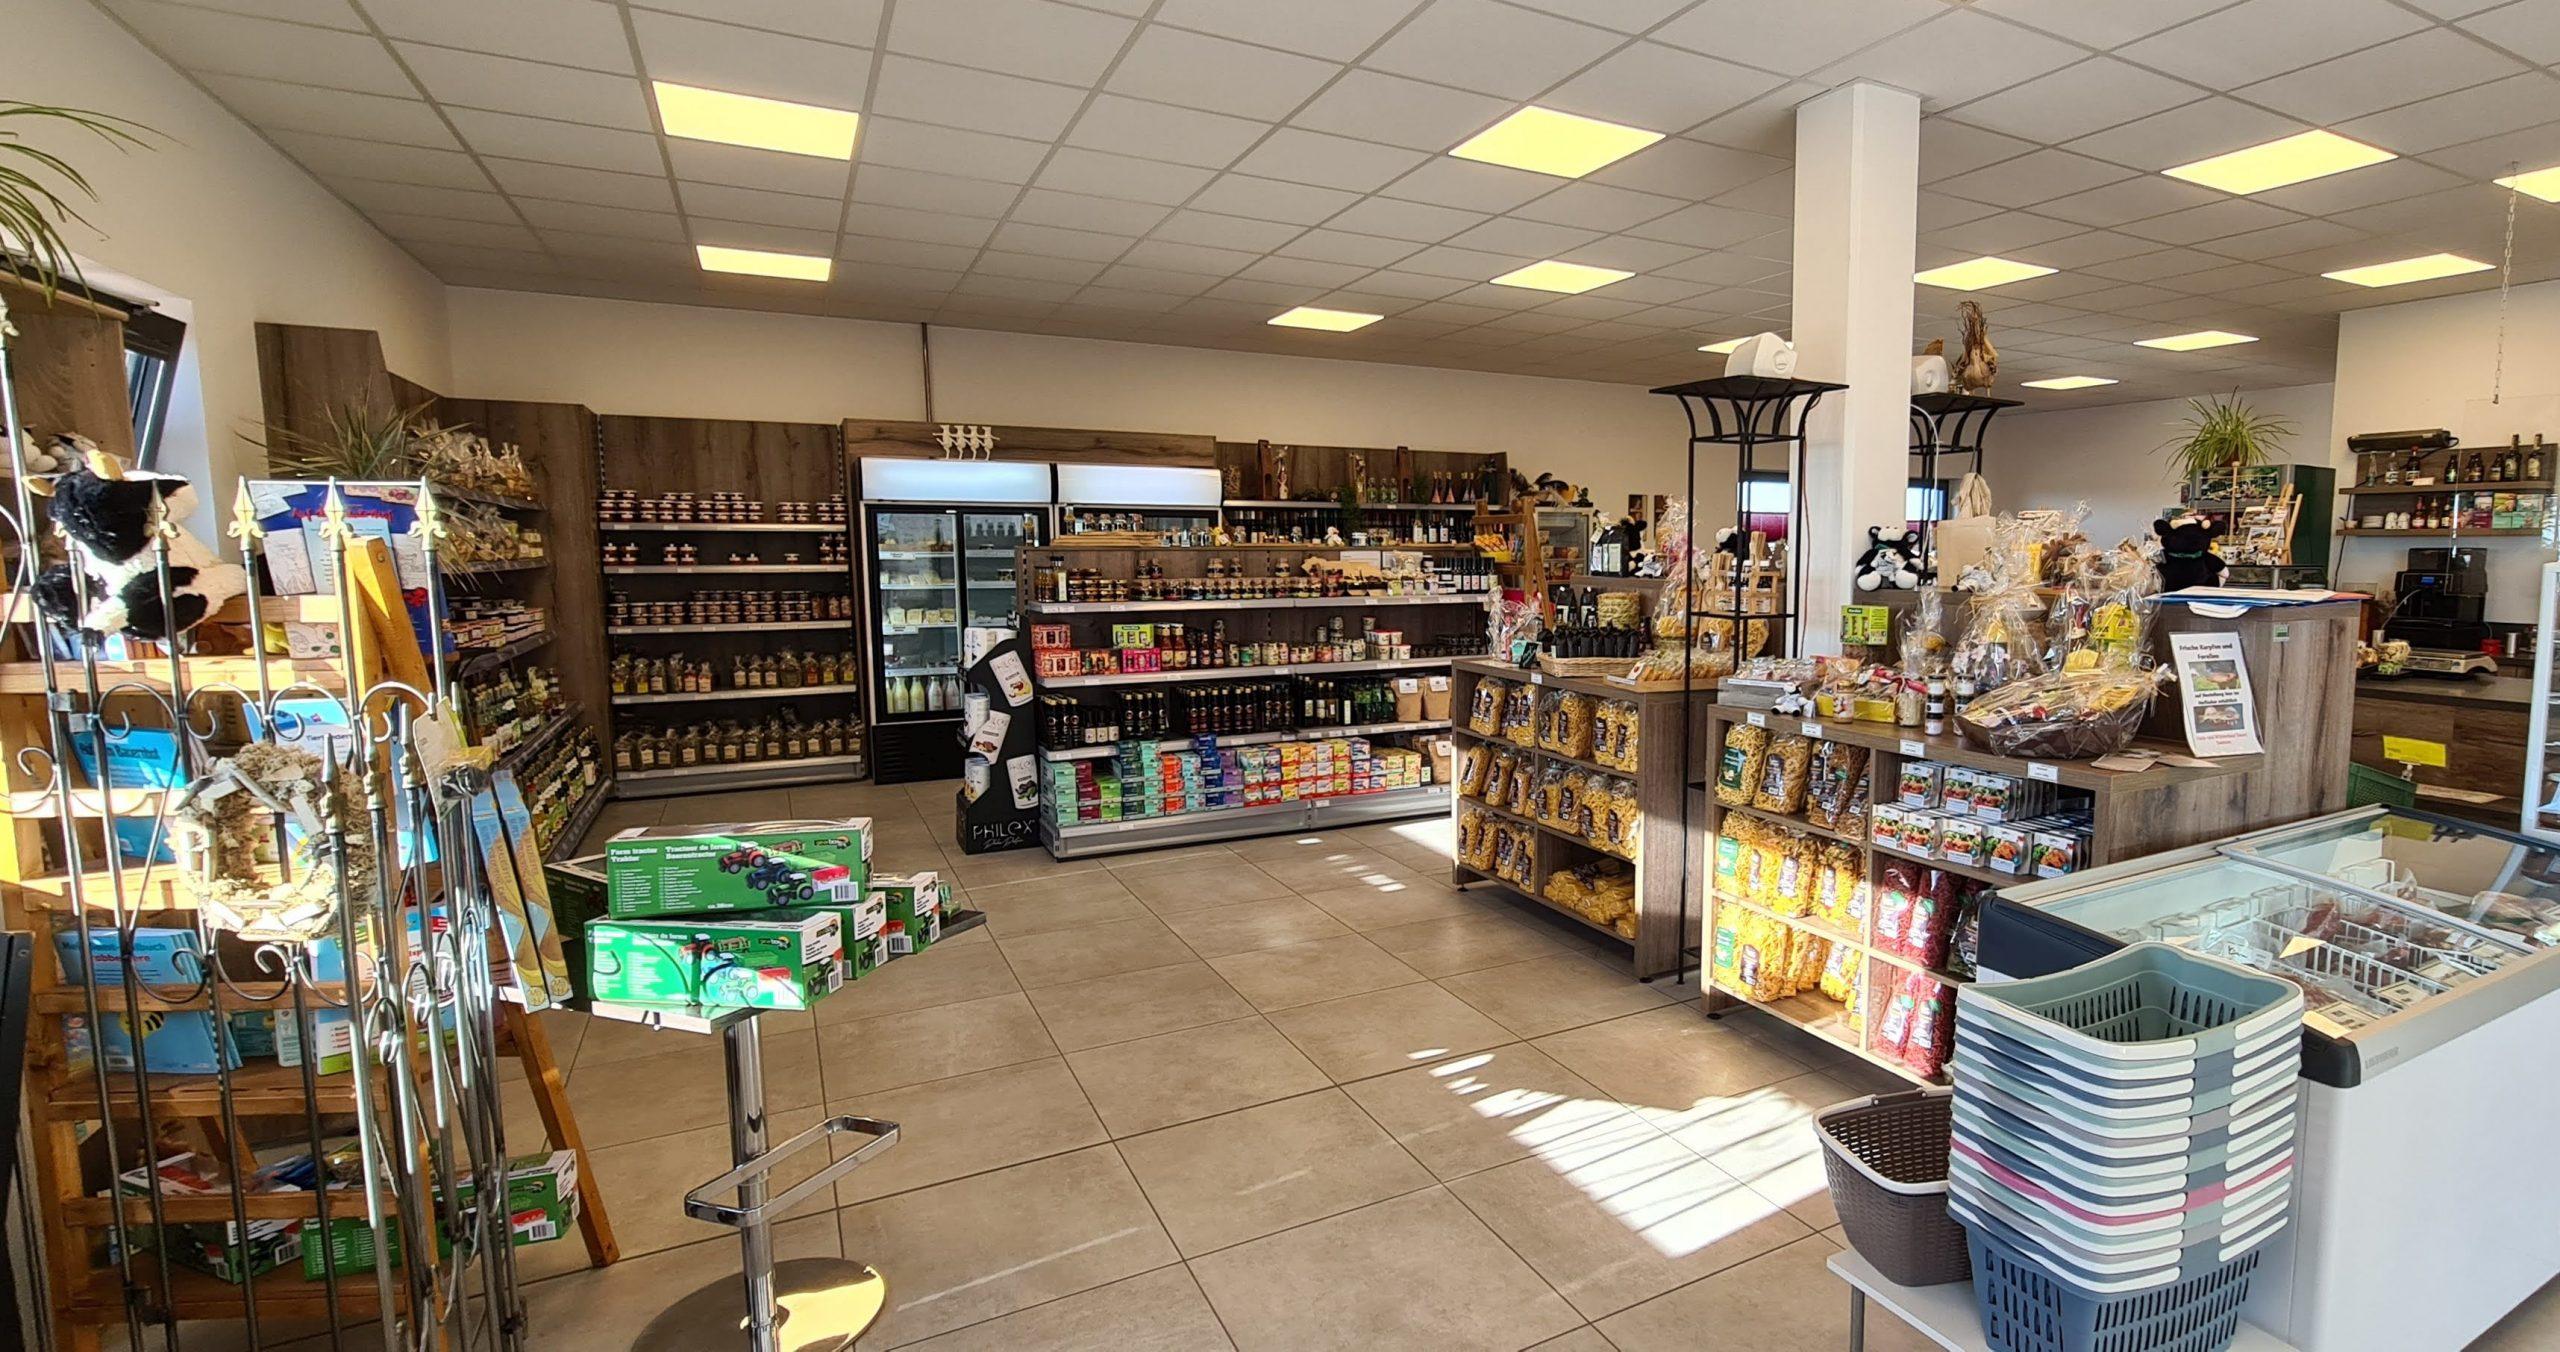 Im Hofladen finden sich zahlreiche Produkte aus der Region. (Foto: Sven Wernicke)